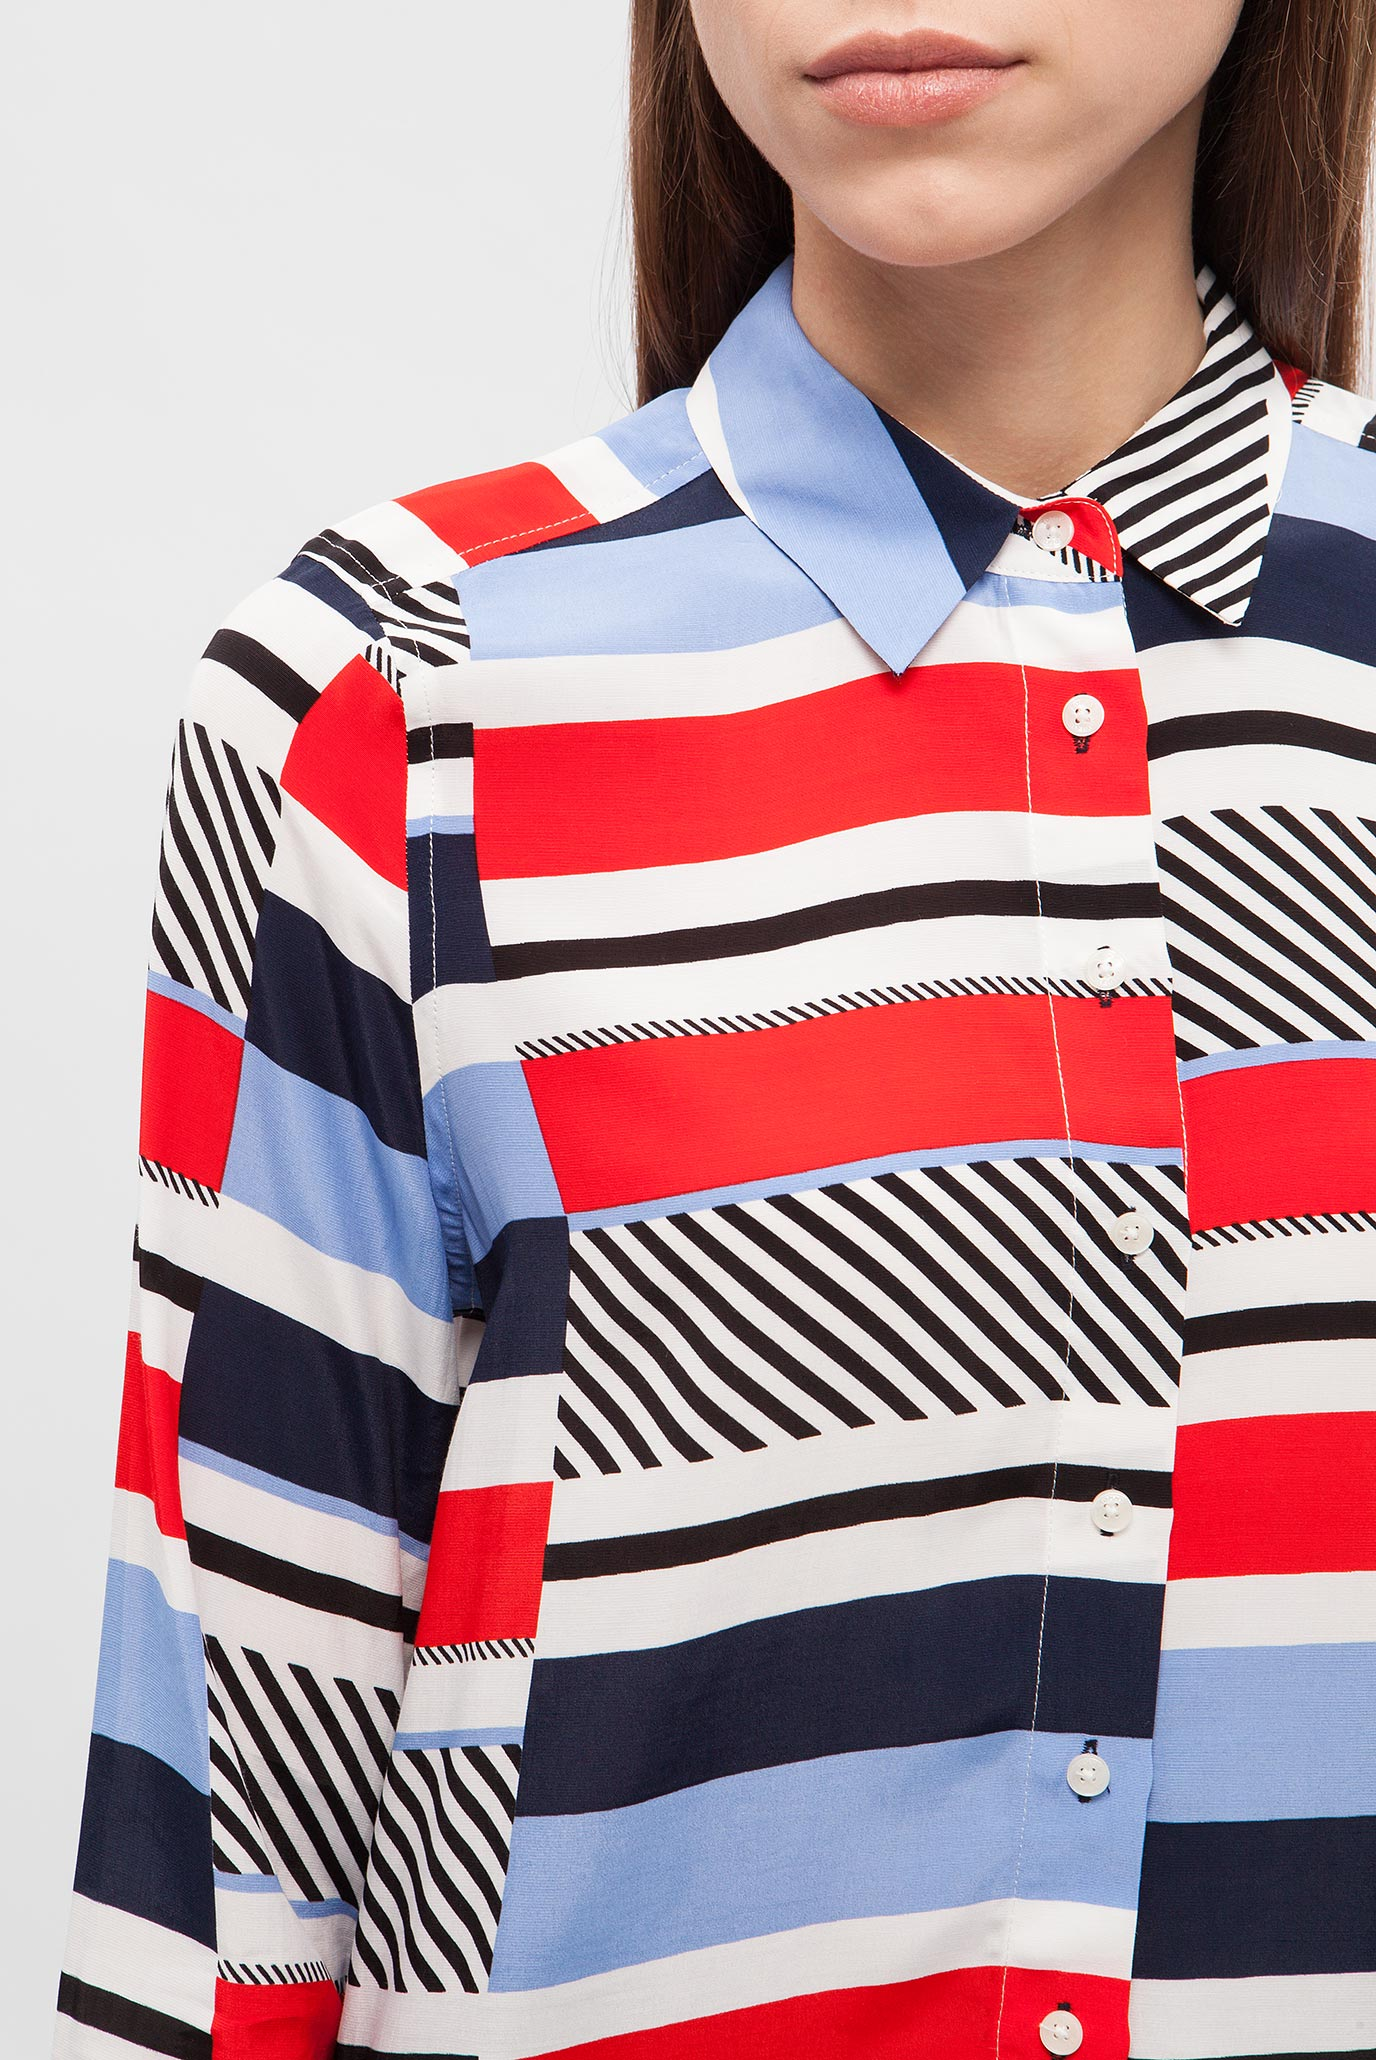 Купить Женская блуза с принтом Tommy Hilfiger Tommy Hilfiger WW0WW21509 – Киев, Украина. Цены в интернет магазине MD Fashion